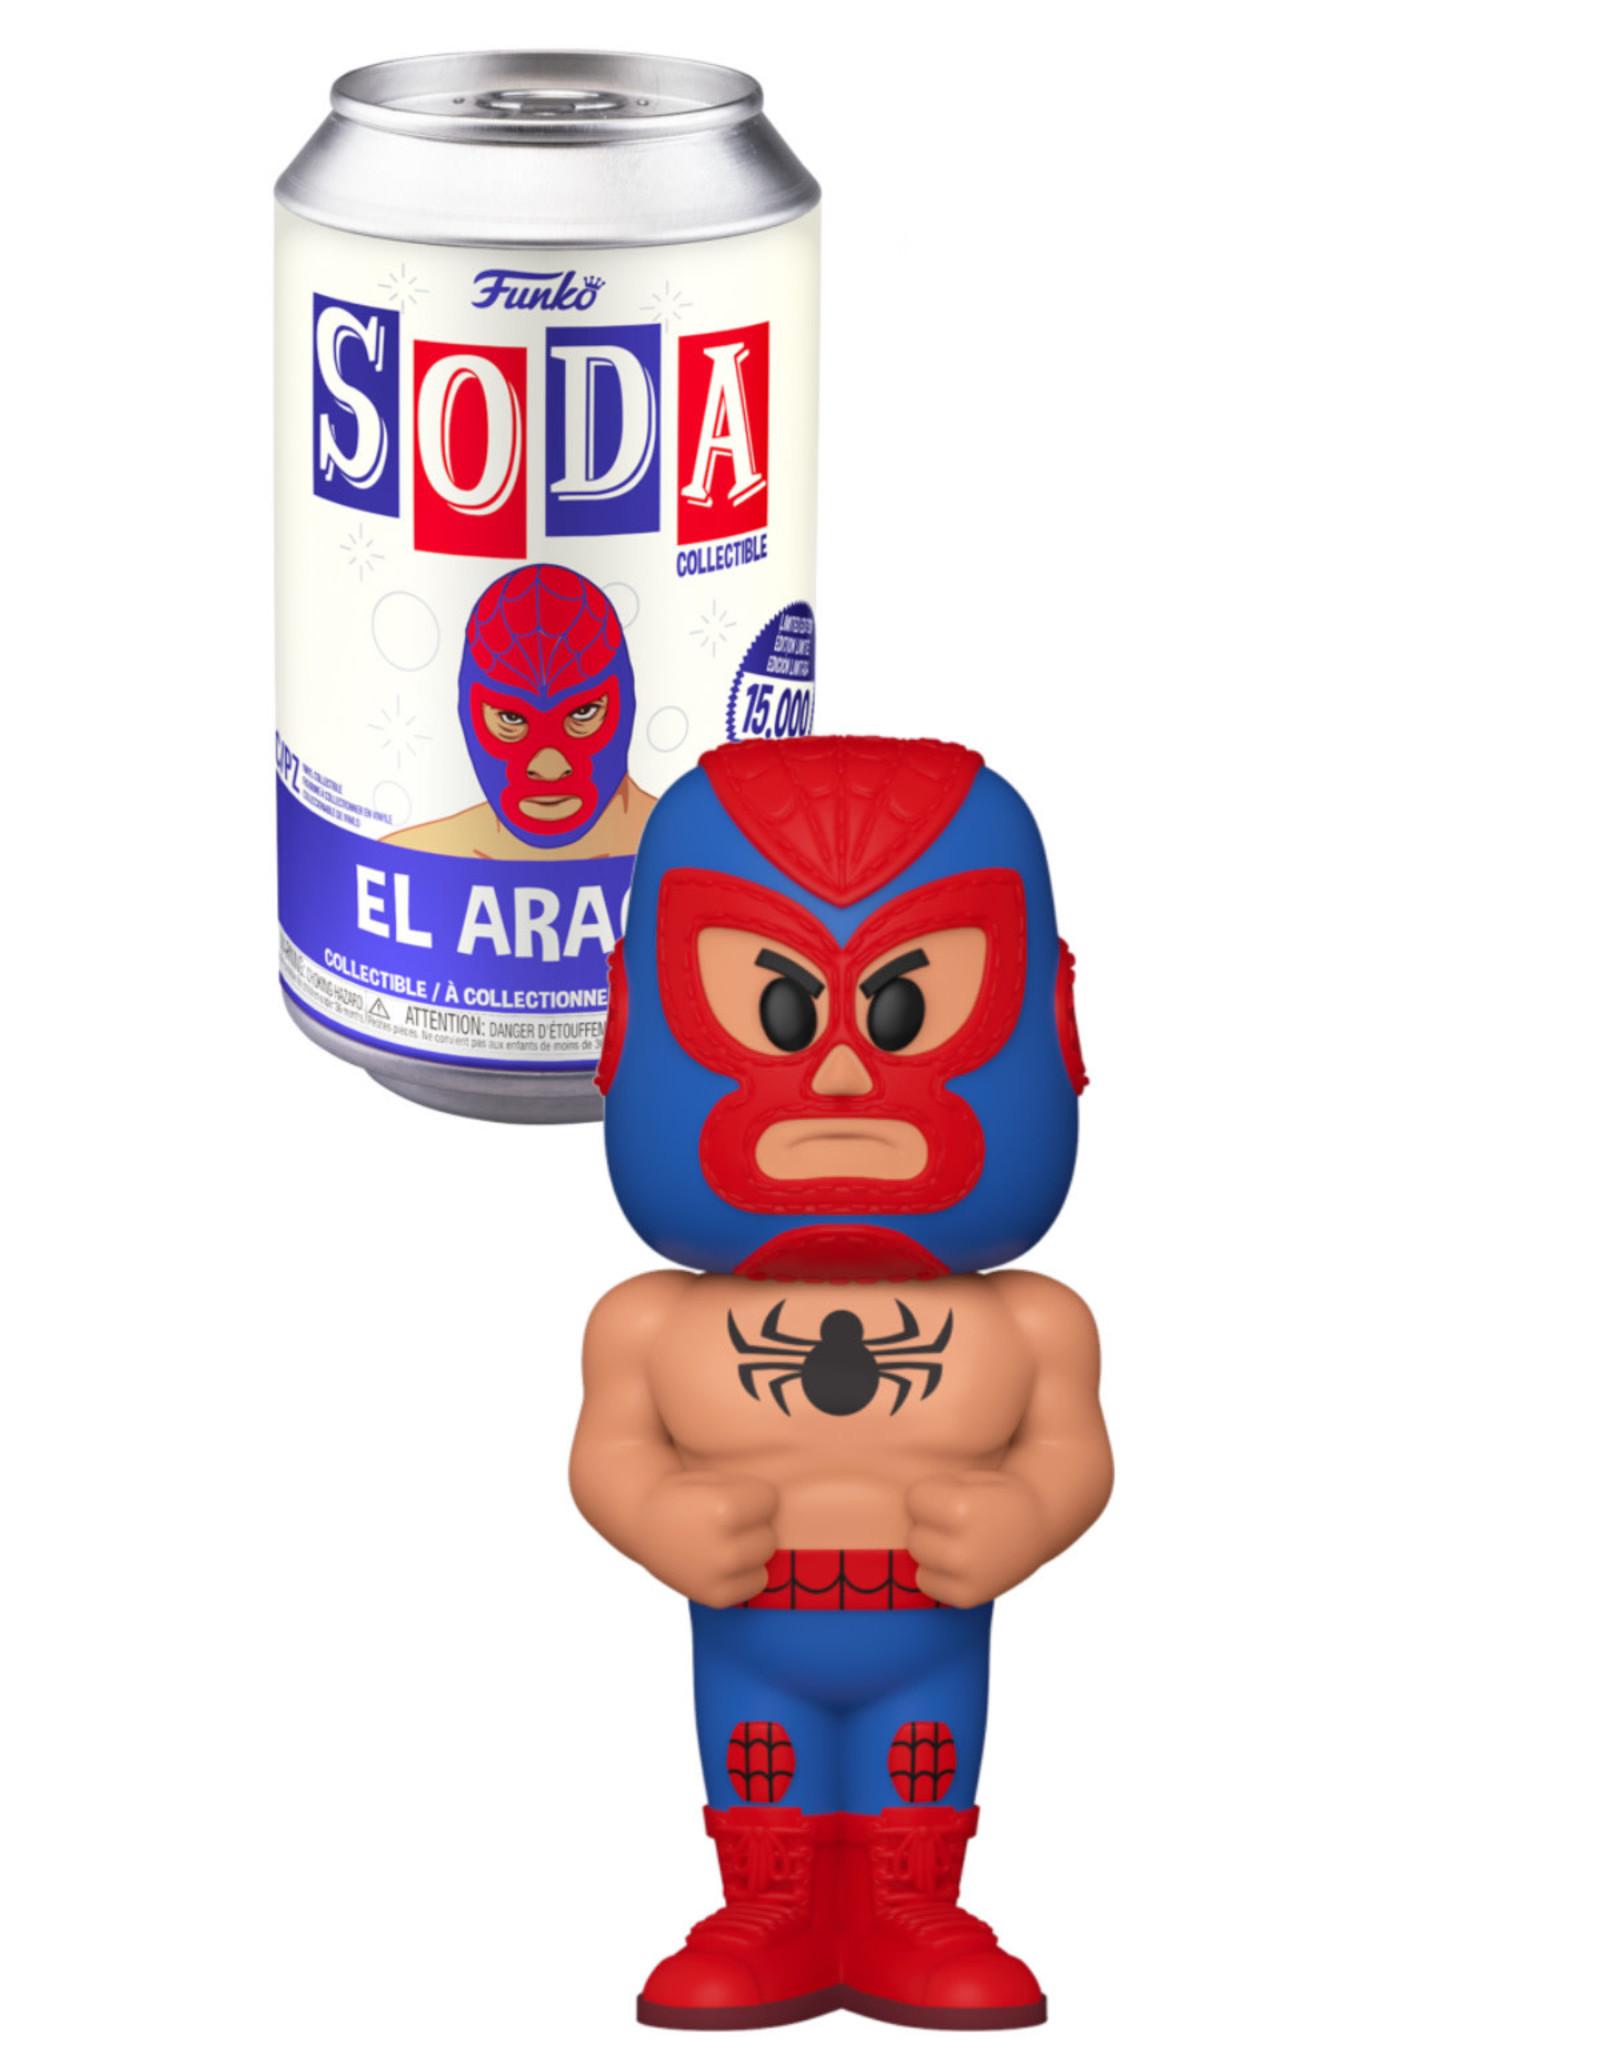 Funko Lucha LIbre ( Funko Soda ) El Aracno